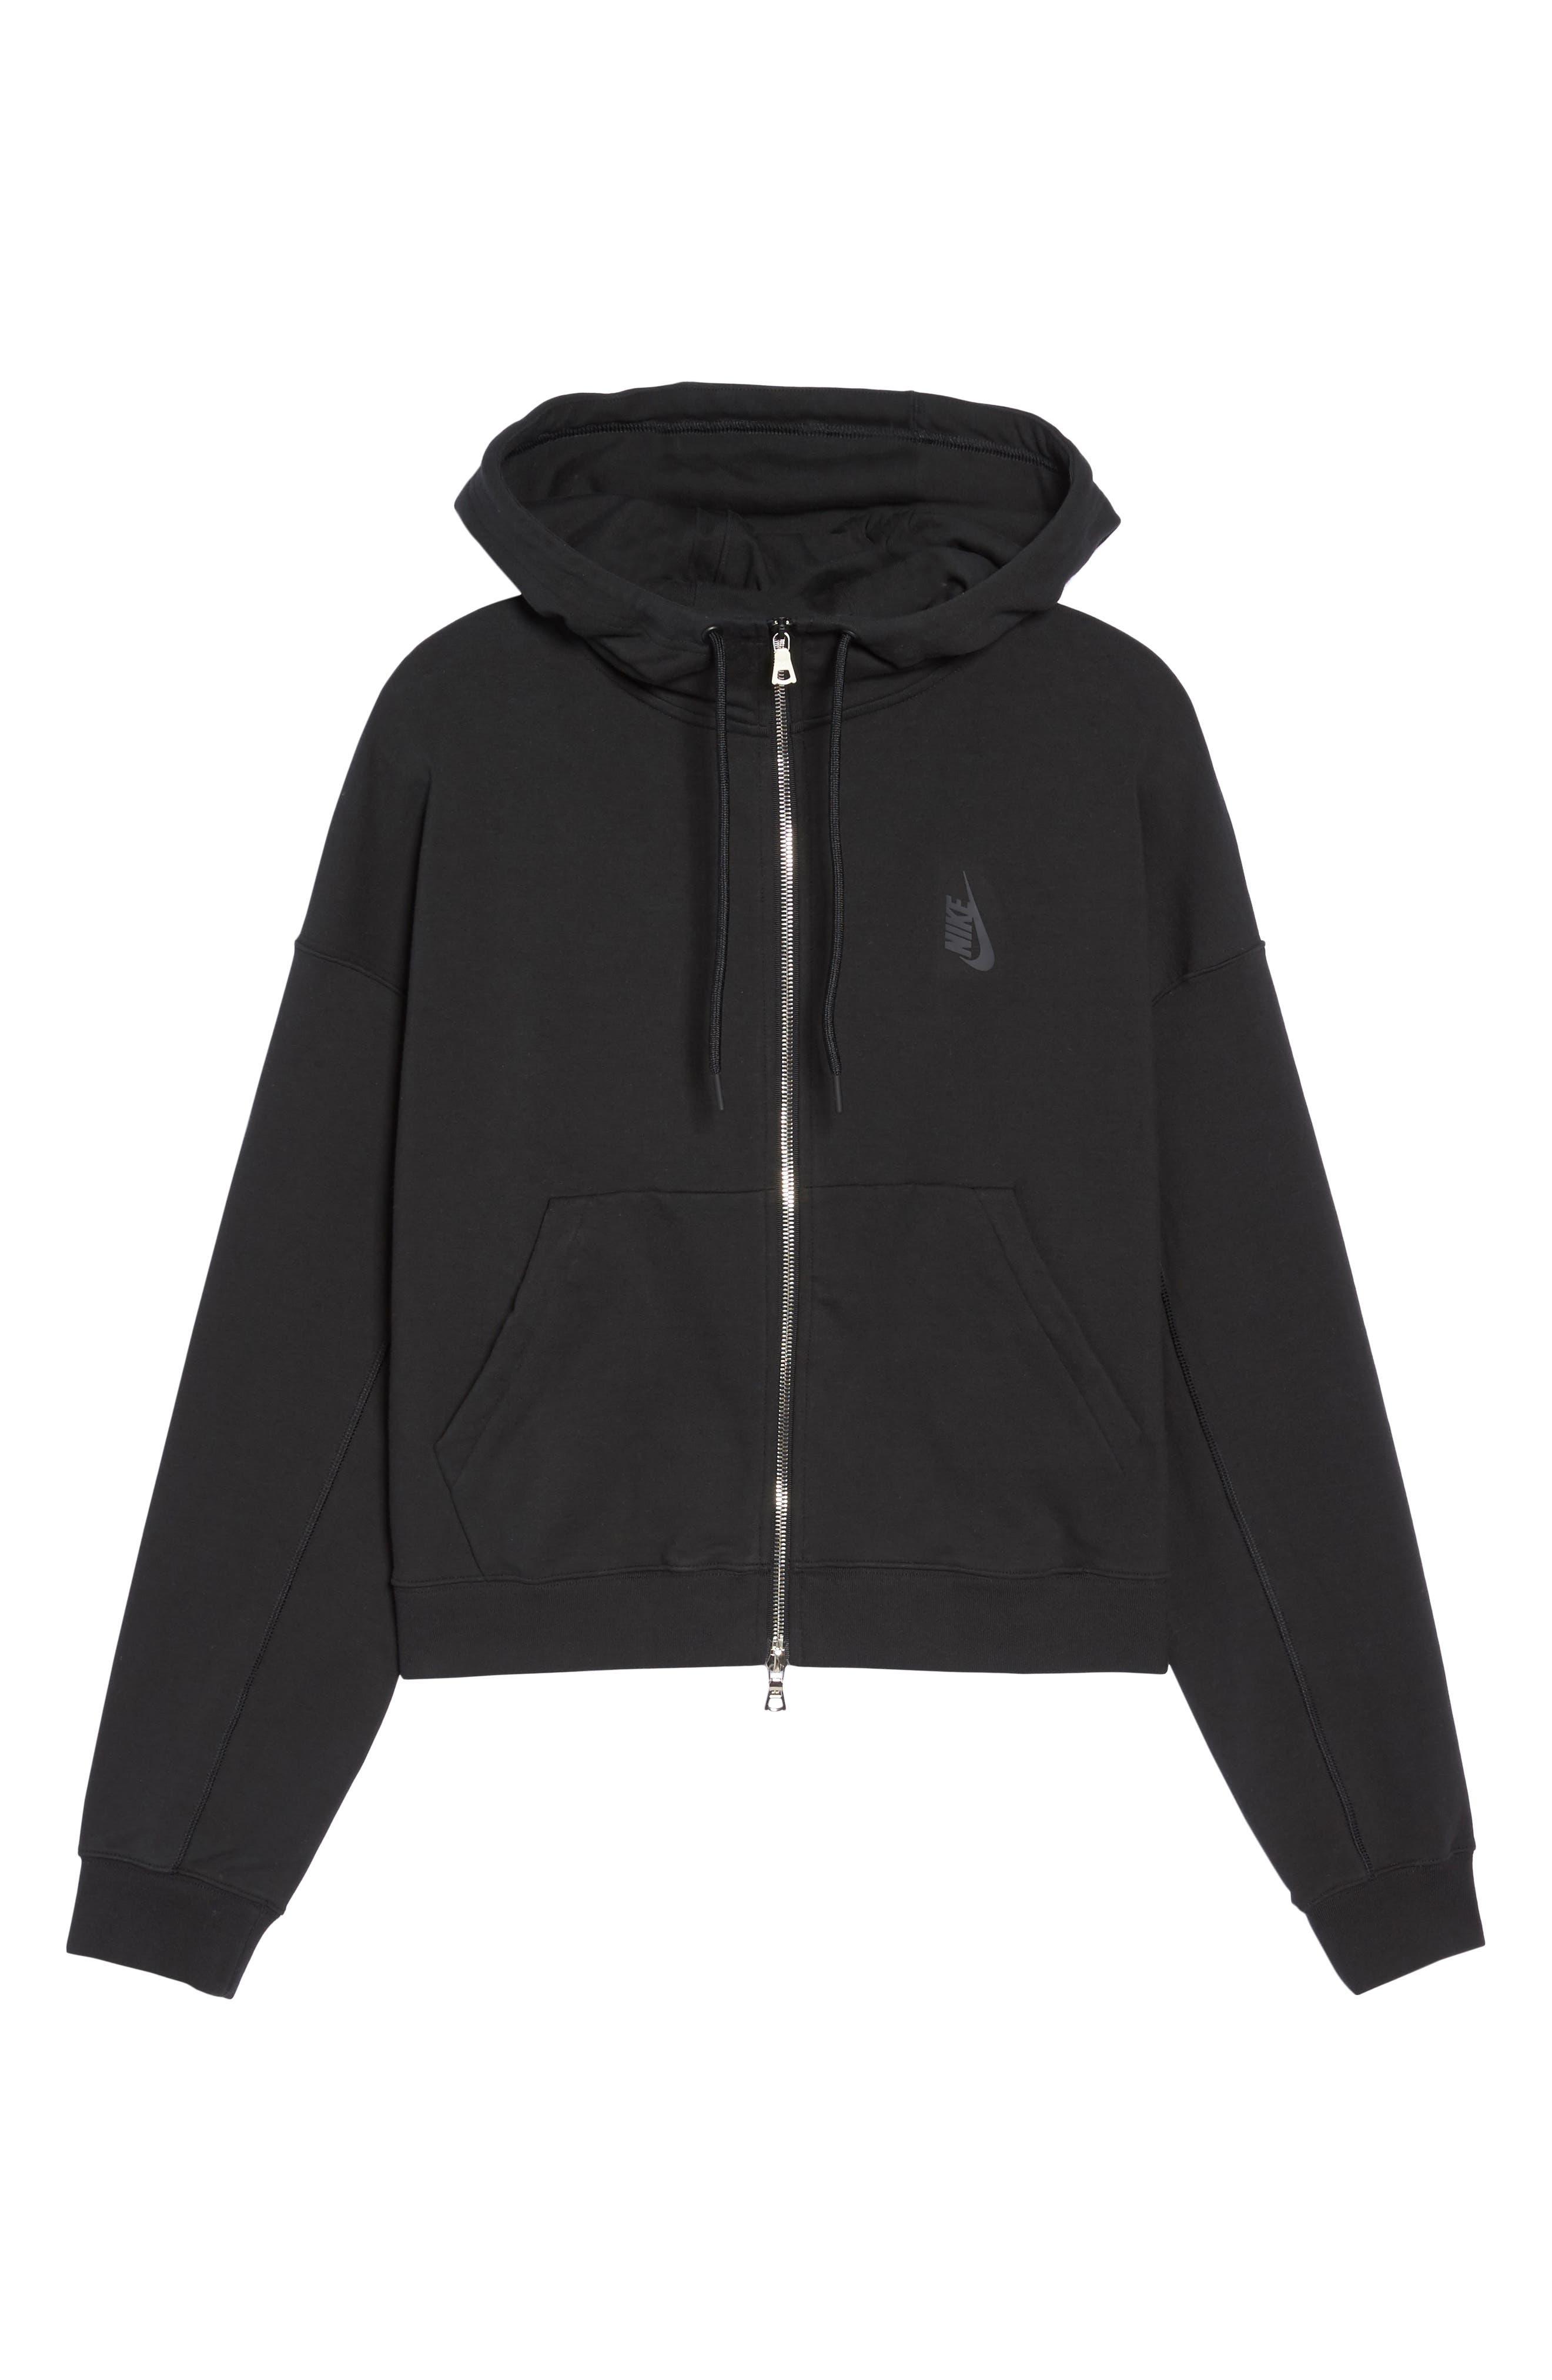 NikeLab Essentials Women's Zip Hoodie,                             Alternate thumbnail 7, color,                             BLACK/ BLACK